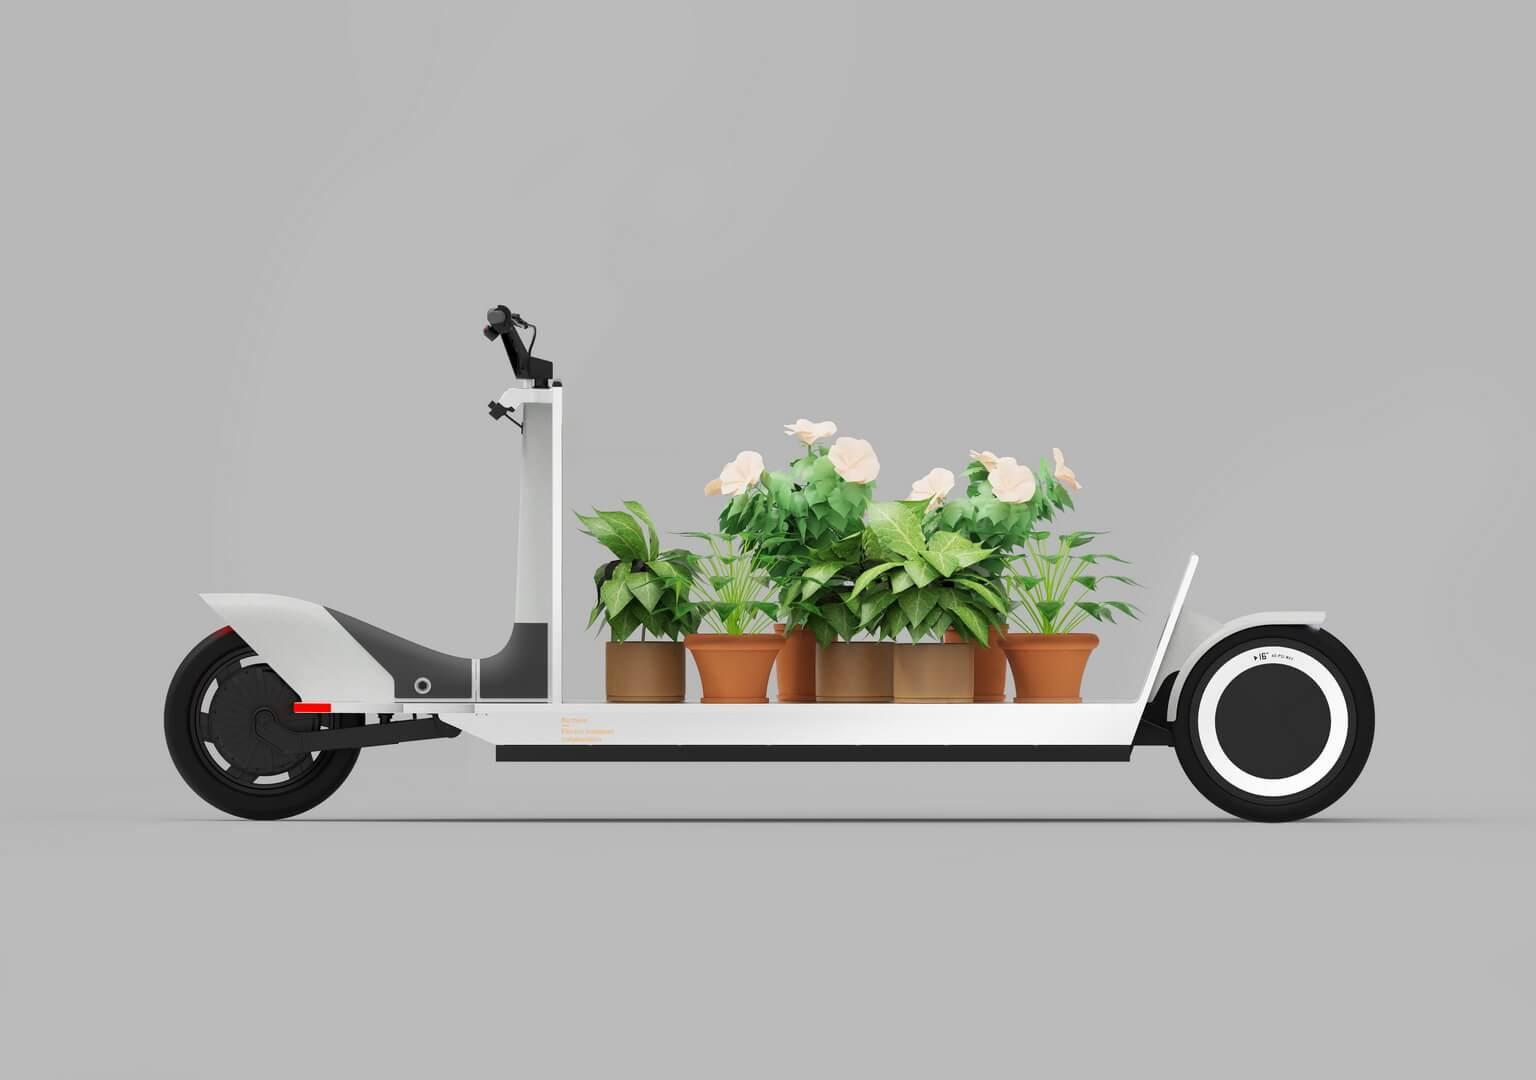 Polestar Re:Move — электрические трехколесные «сани» с грузоподъемностью 275 кг